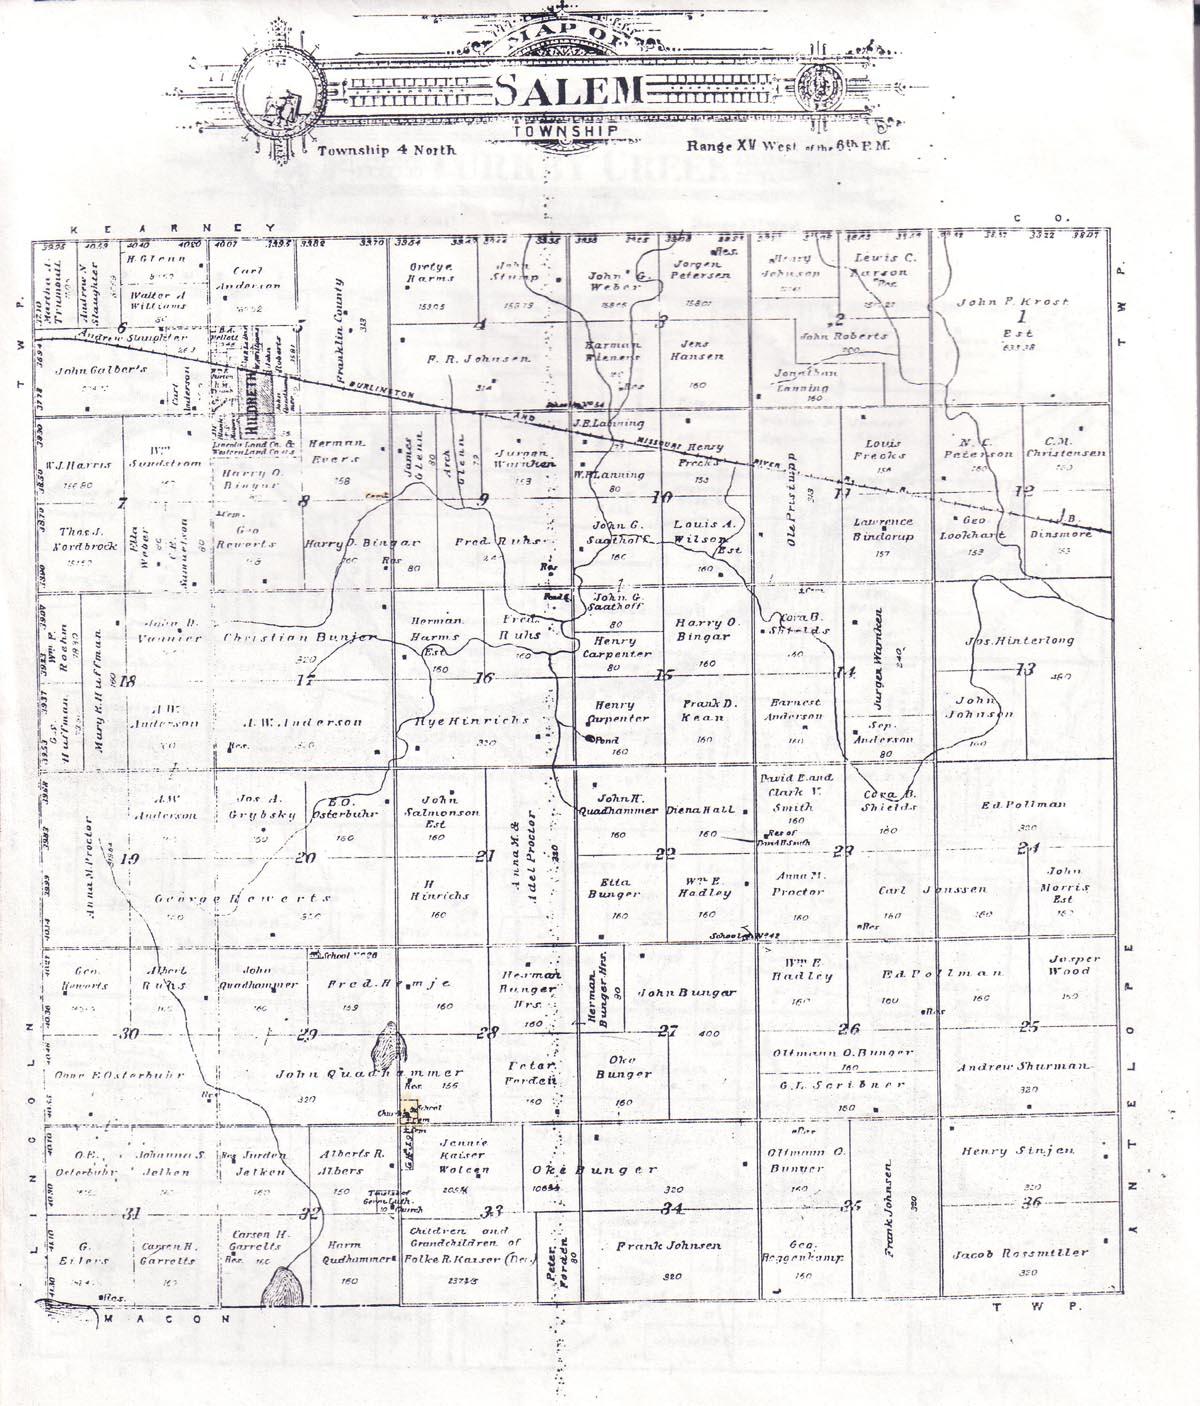 Nebraska Map By County.1905 Franklin County Nebraska Plat Map